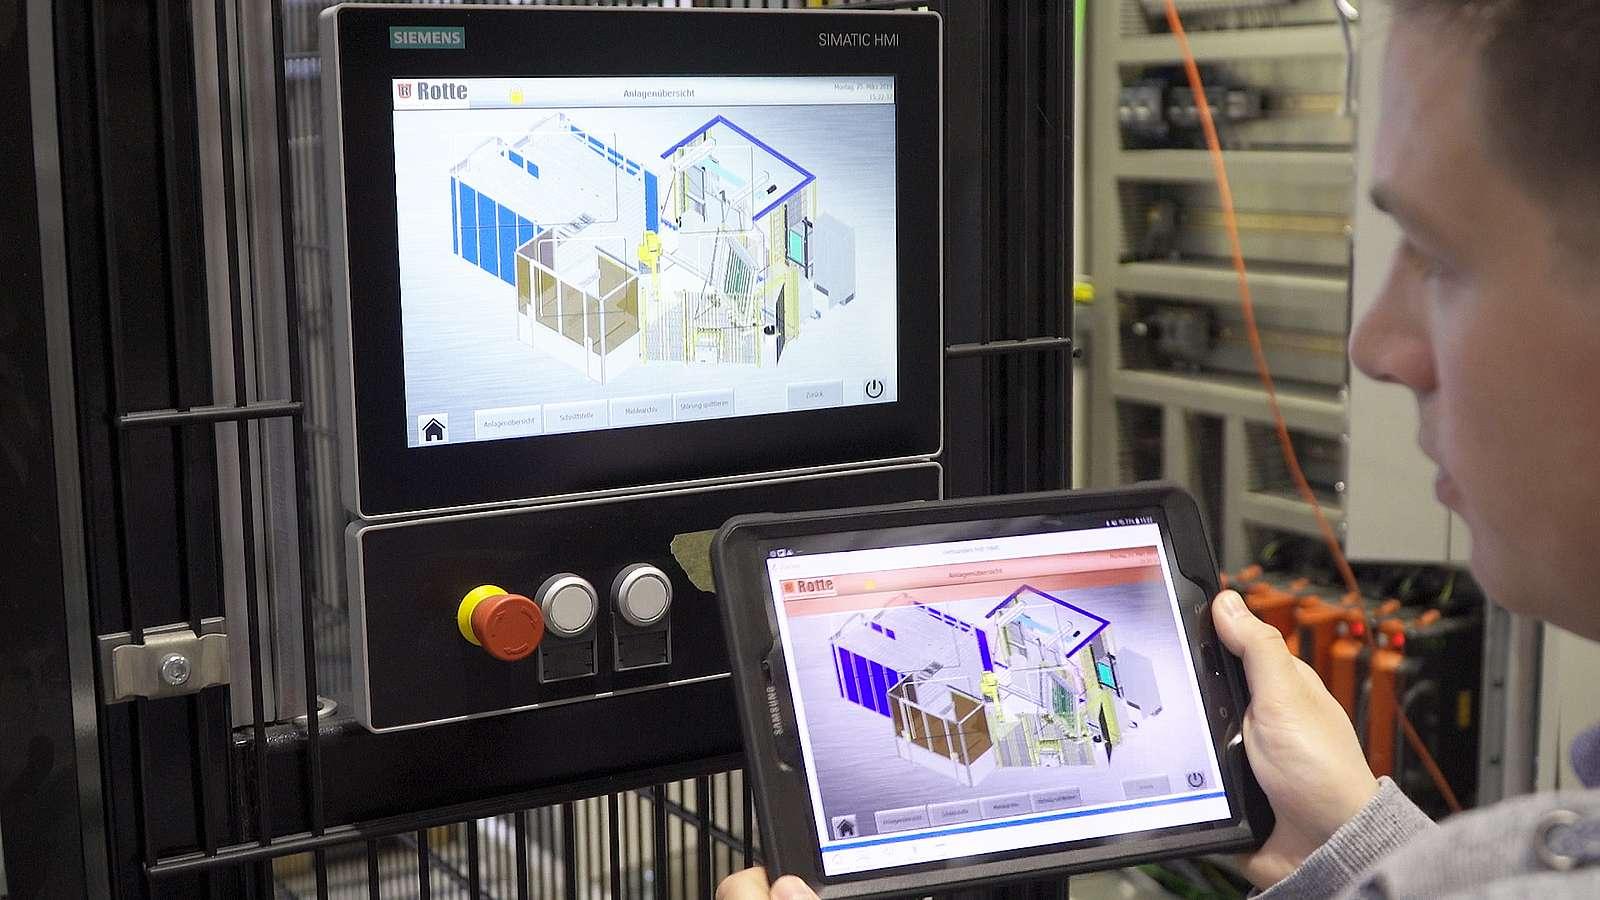 Auch die Rotte Smart-Factory-Plattform unterstützt Kunden in ihrer Produktion und sorgt für mehr Transparenz und Effizienz.